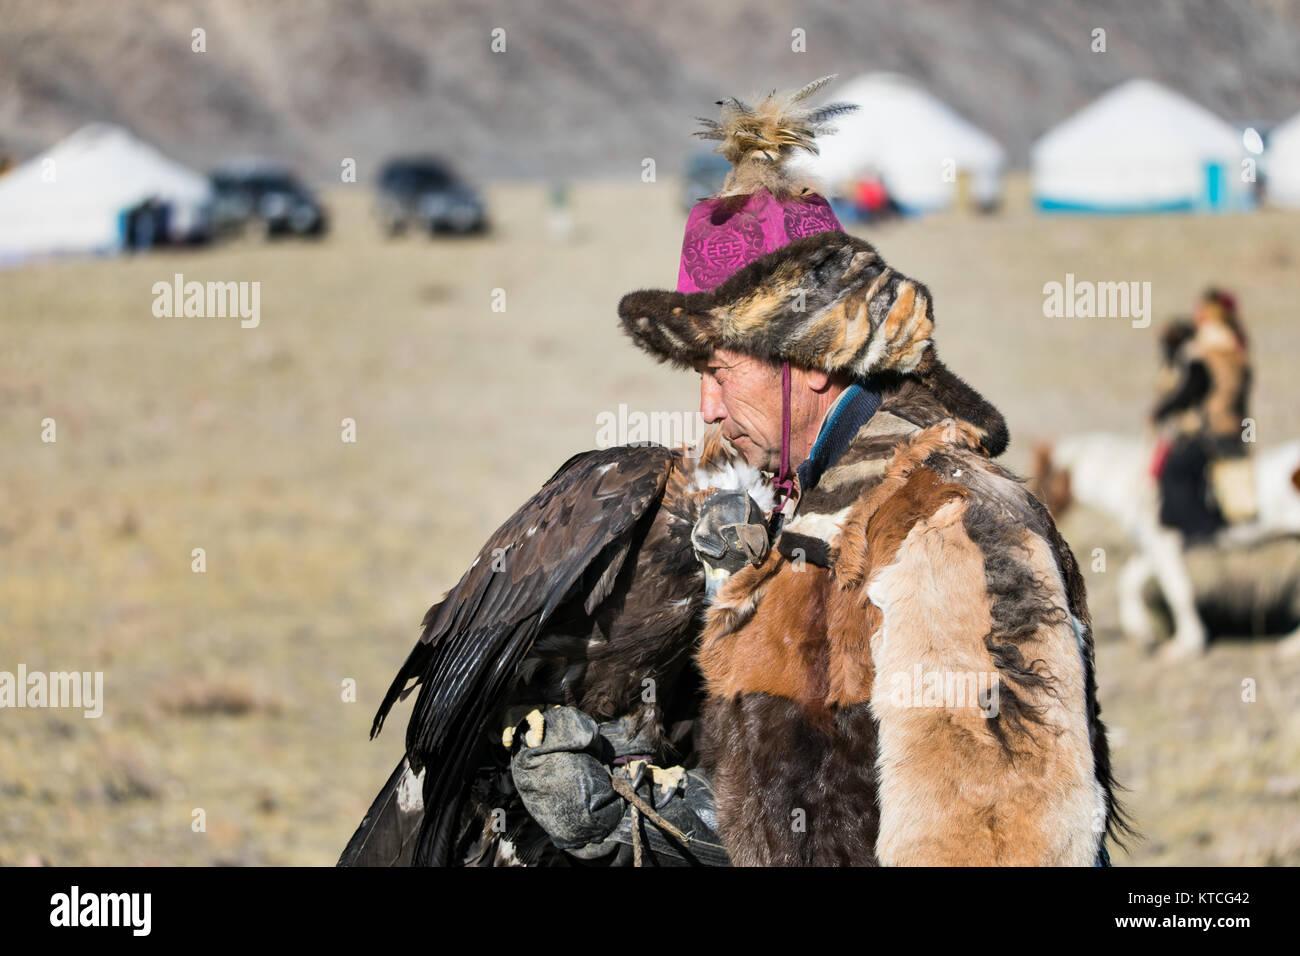 Kasachischen Eagle Hunter verbringt sie Ausfallzeiten mit seinem Adler während Golden Eagle Festival in der Stockbild